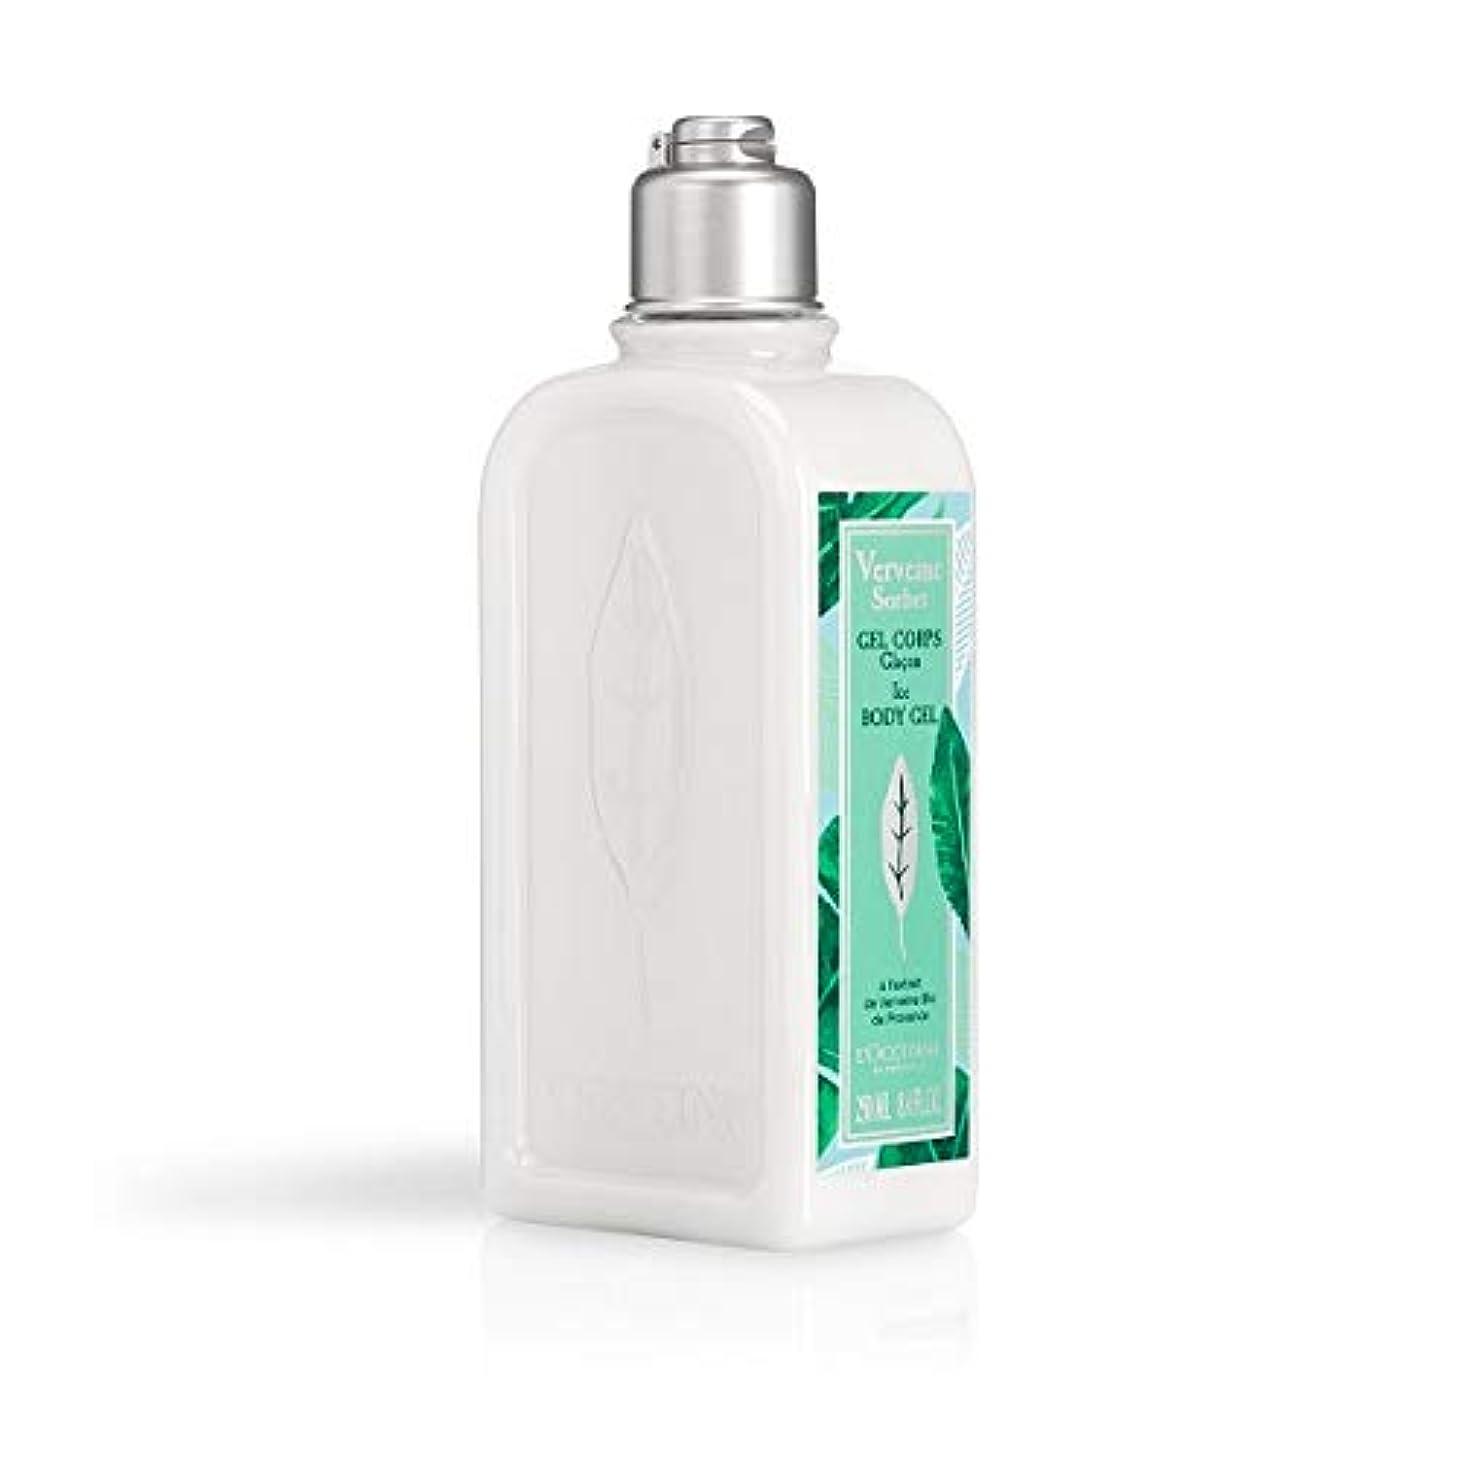 レガシー面倒独立してロクシタン(L'OCCITANE) ミントウ゛ァーベナ ソルベボディジェル 250ml(ボディ用乳液)